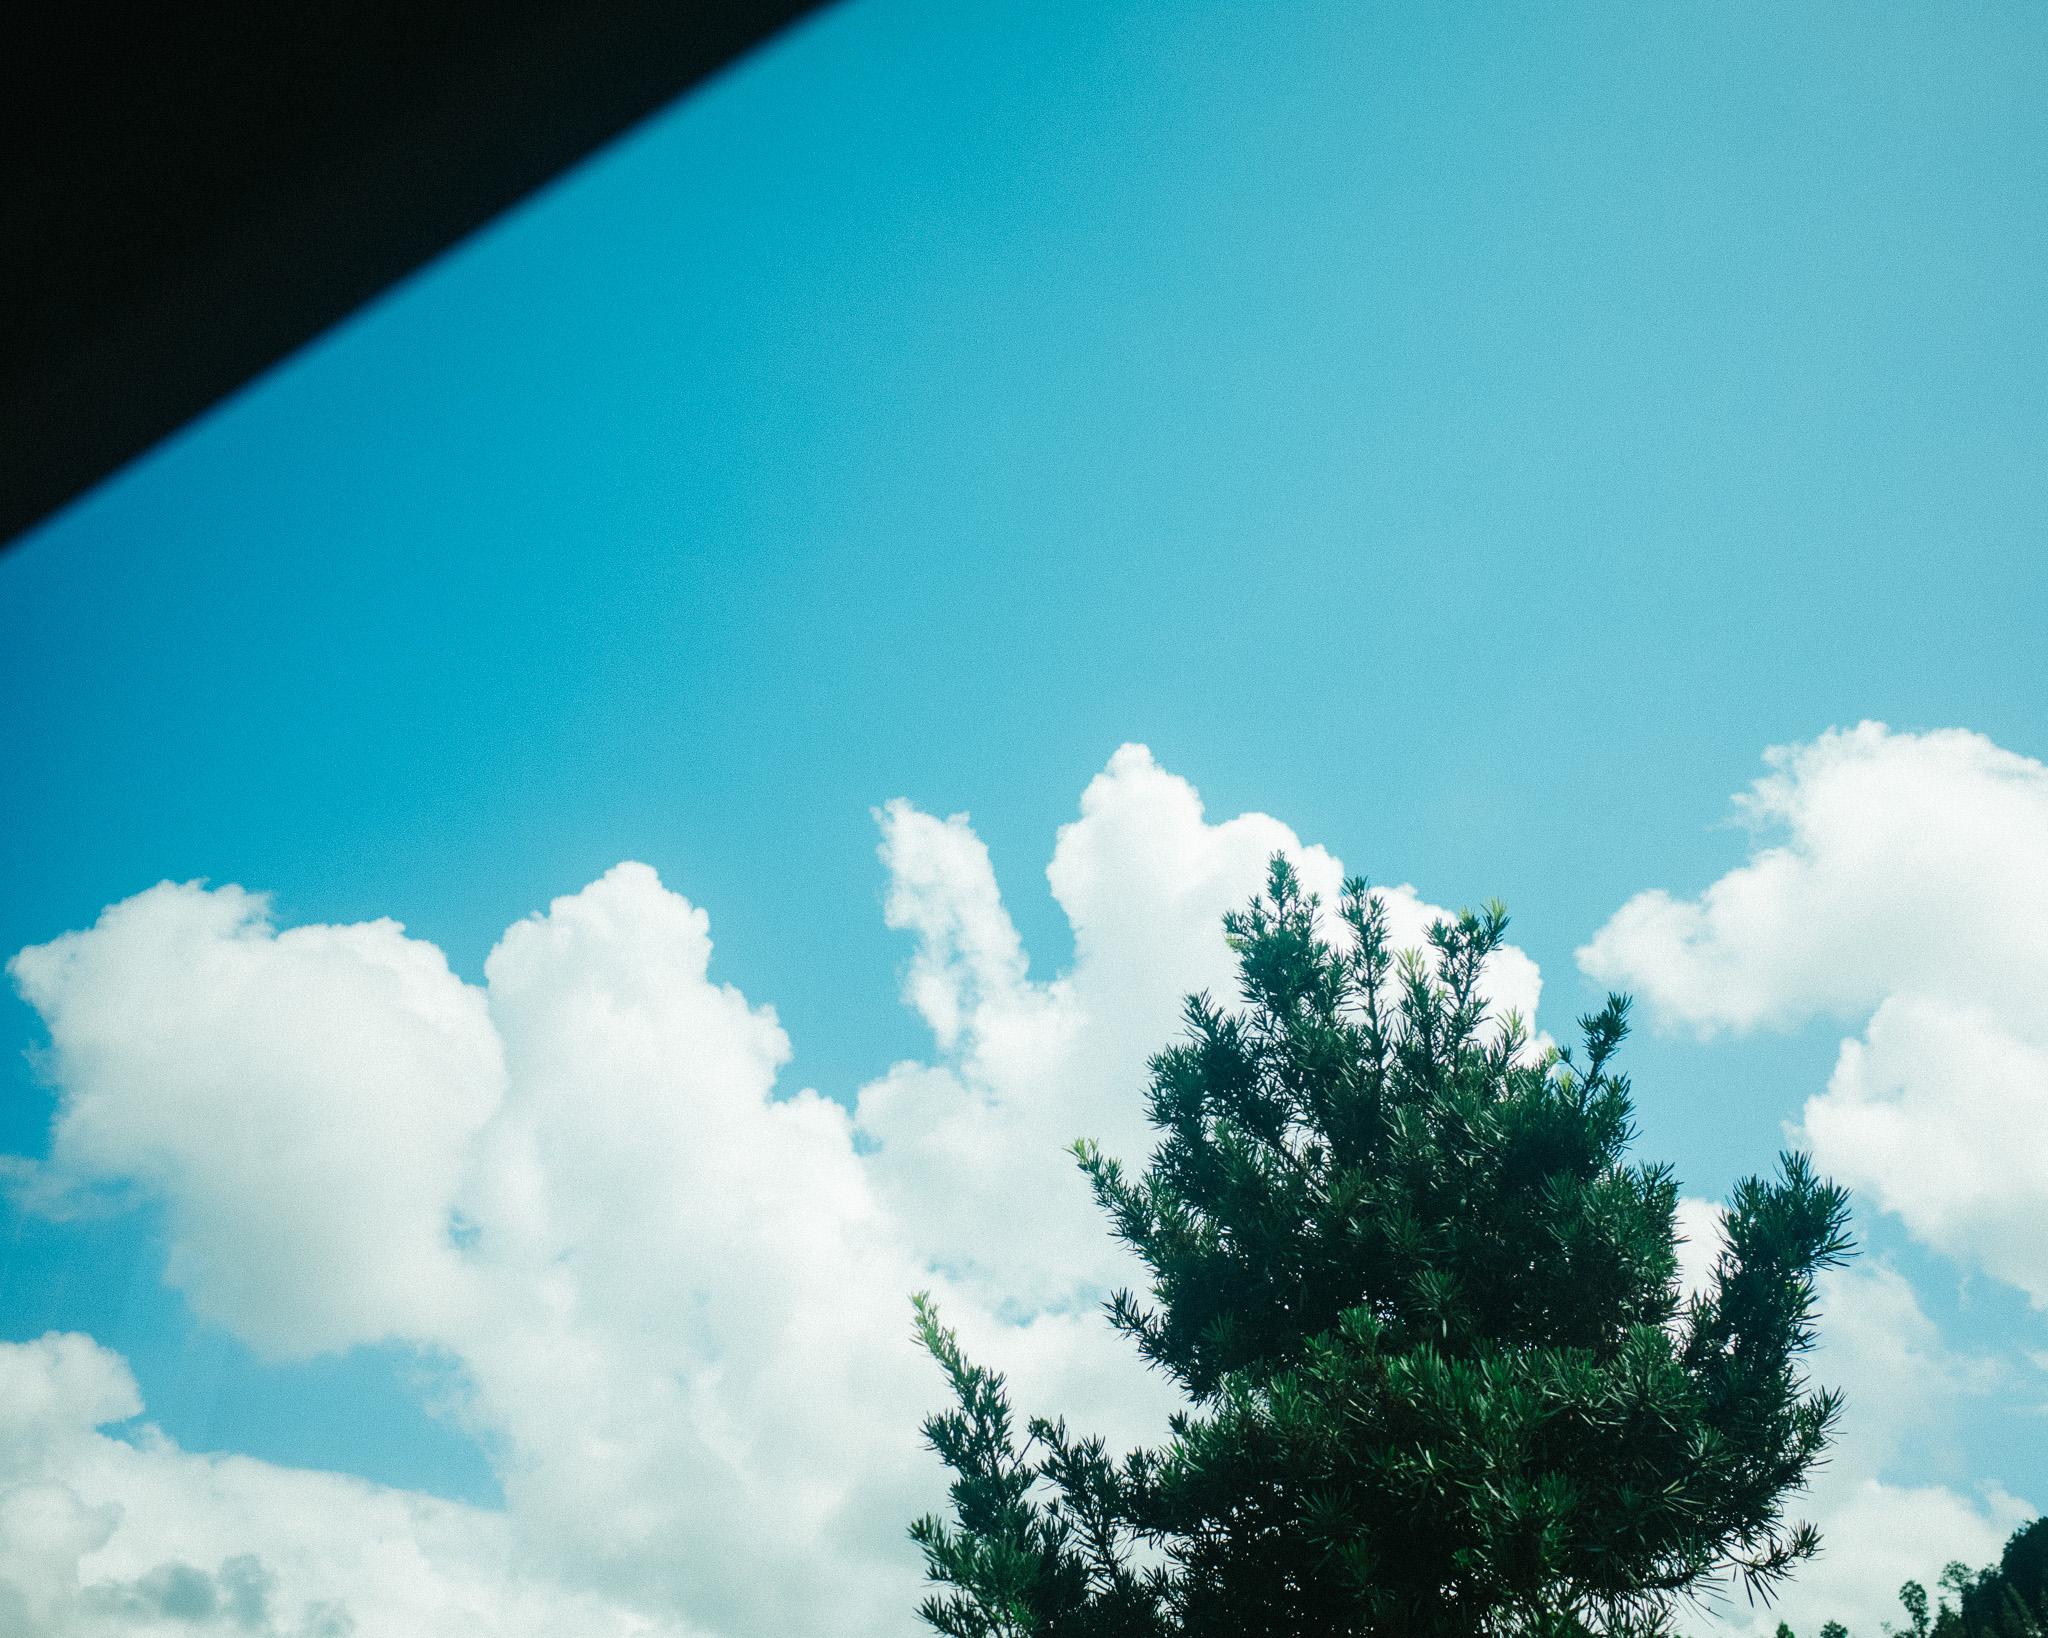 fukuoka travel documentary photographer sky blue